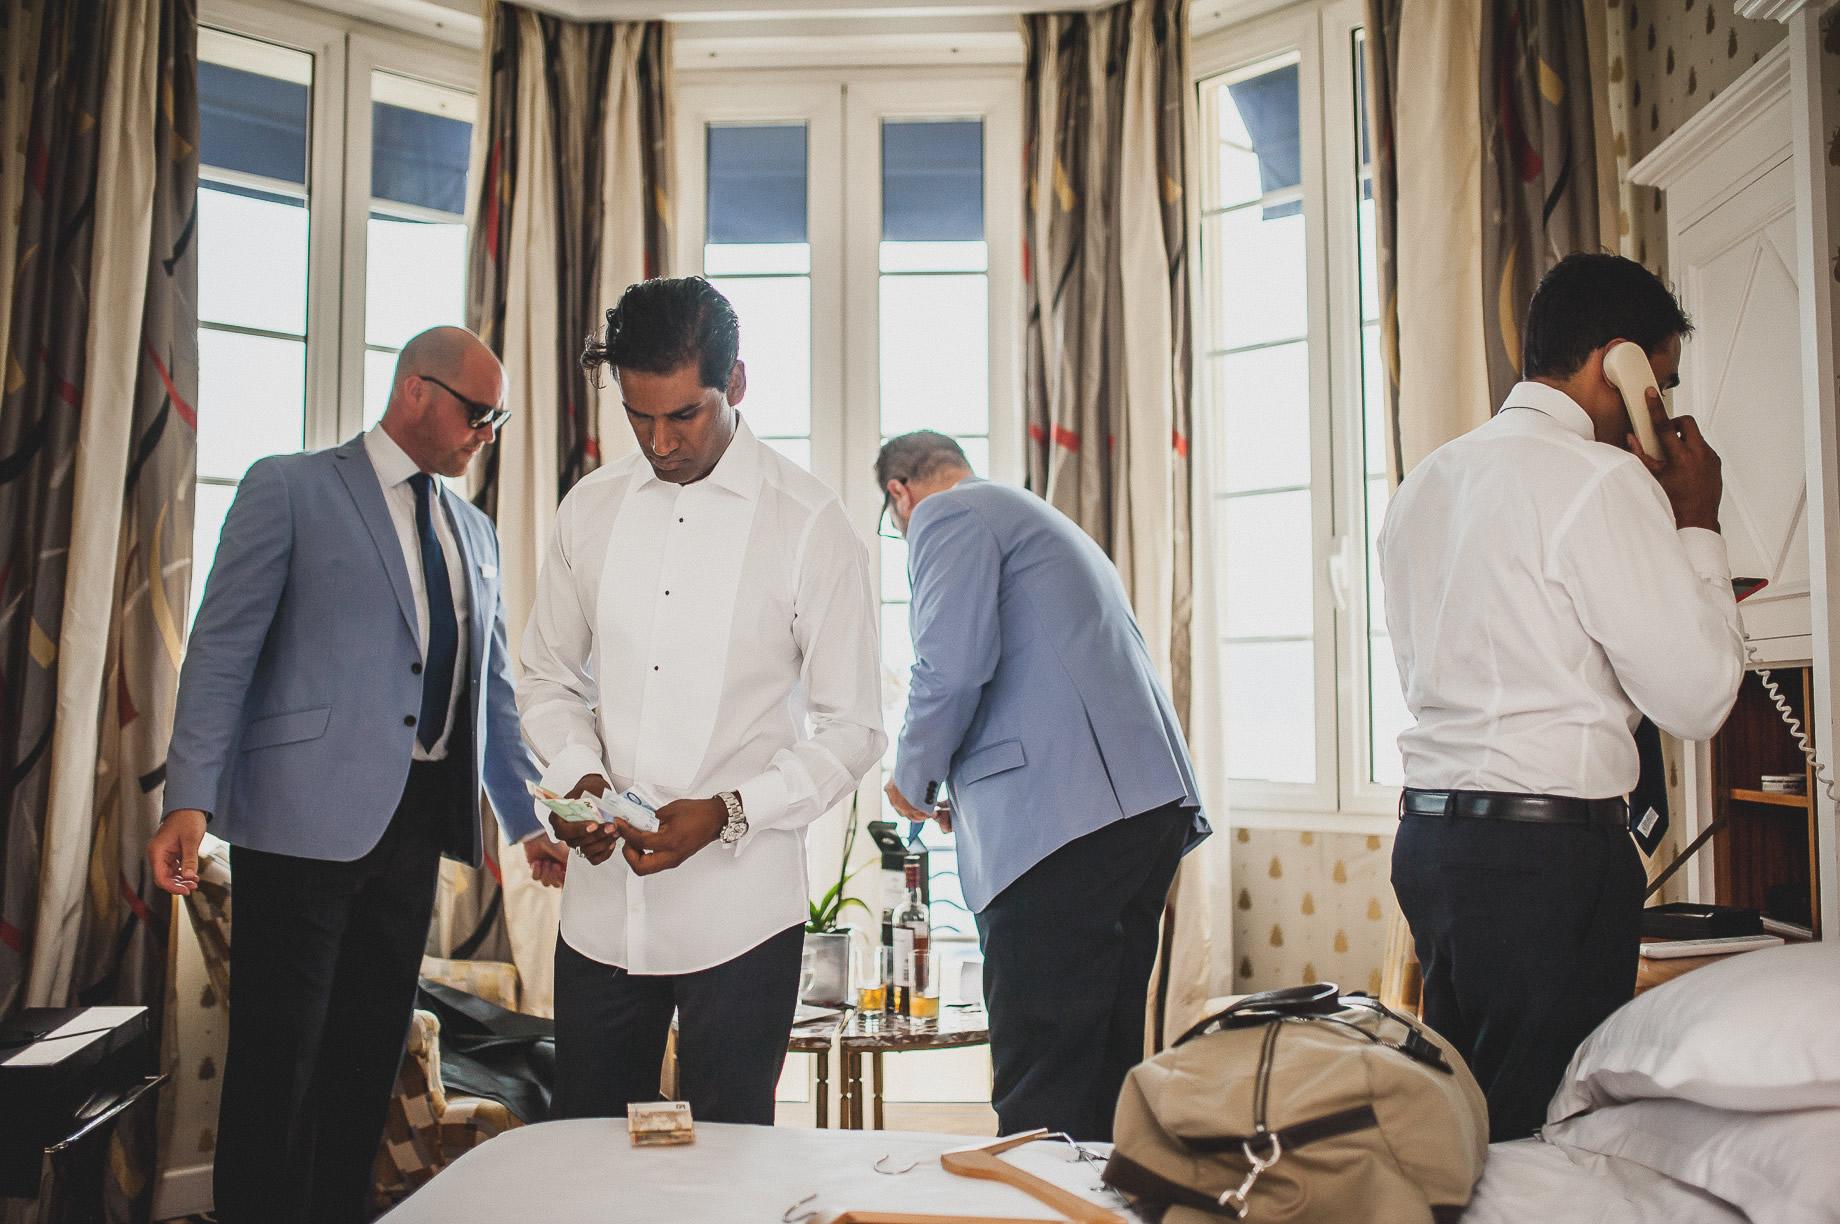 Jen and Priyan's Wedding at Hotel Belles Rives 050